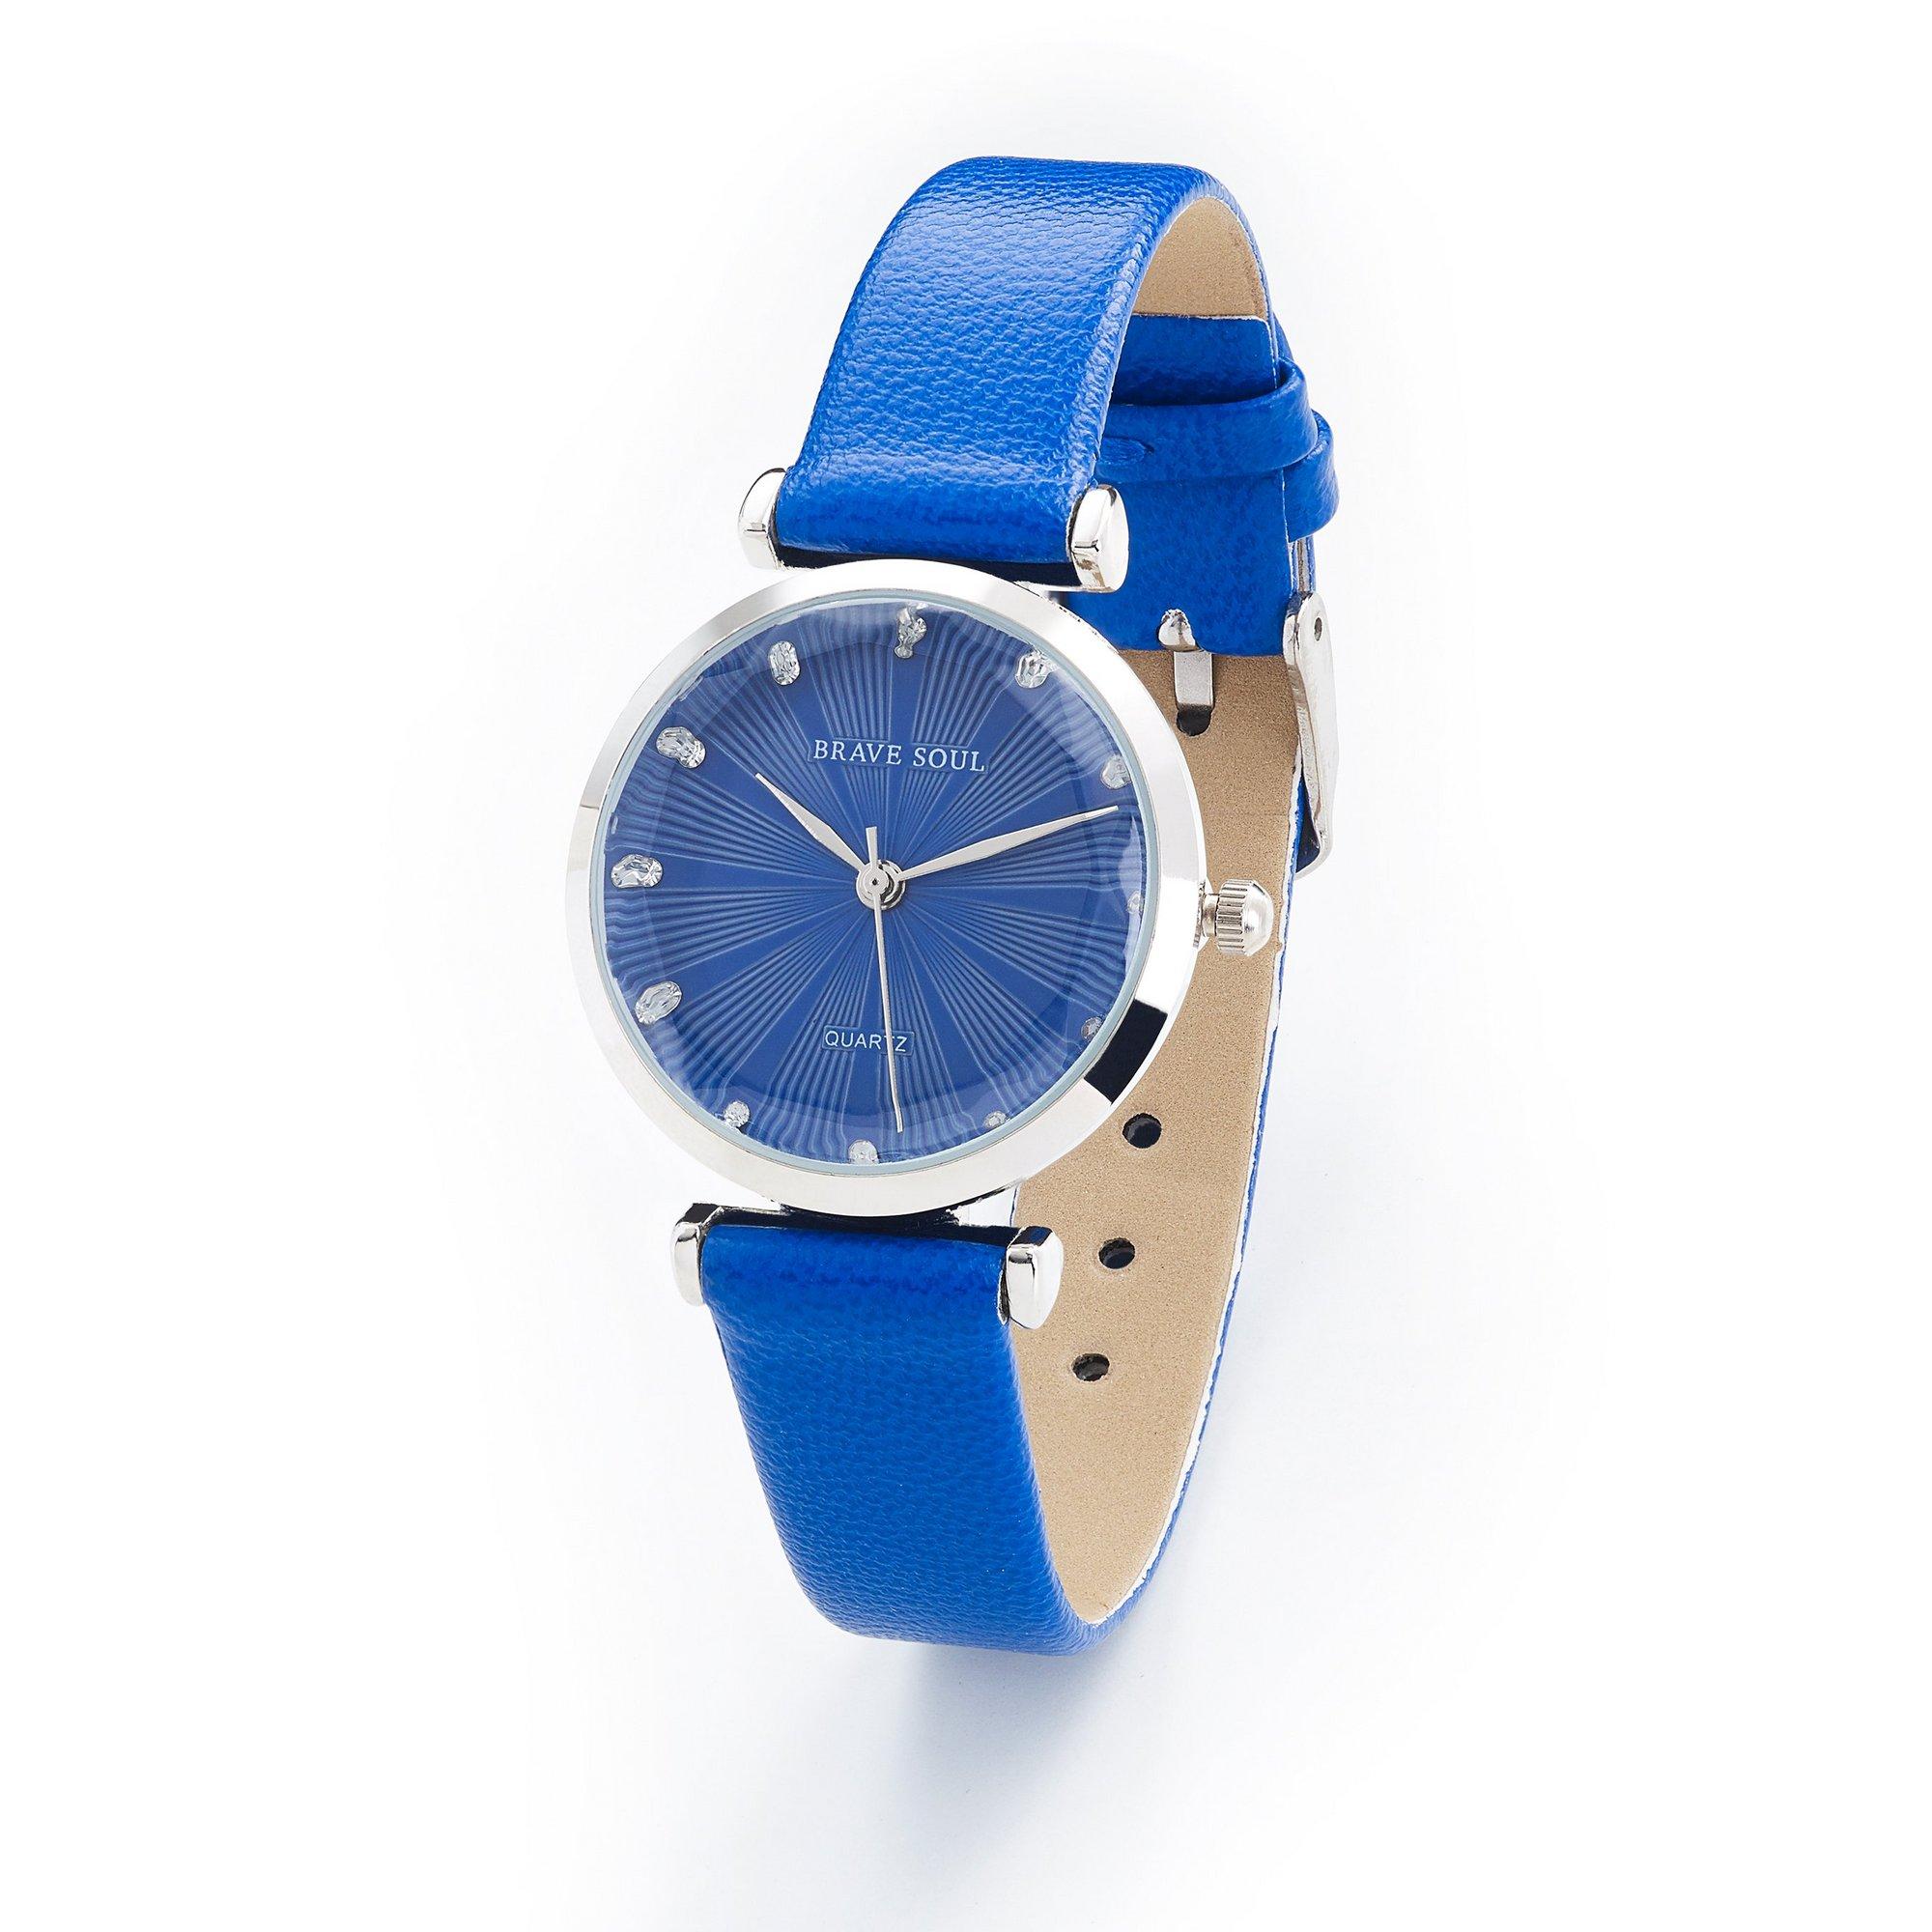 Image of Brave Soul Blue Strap Watch